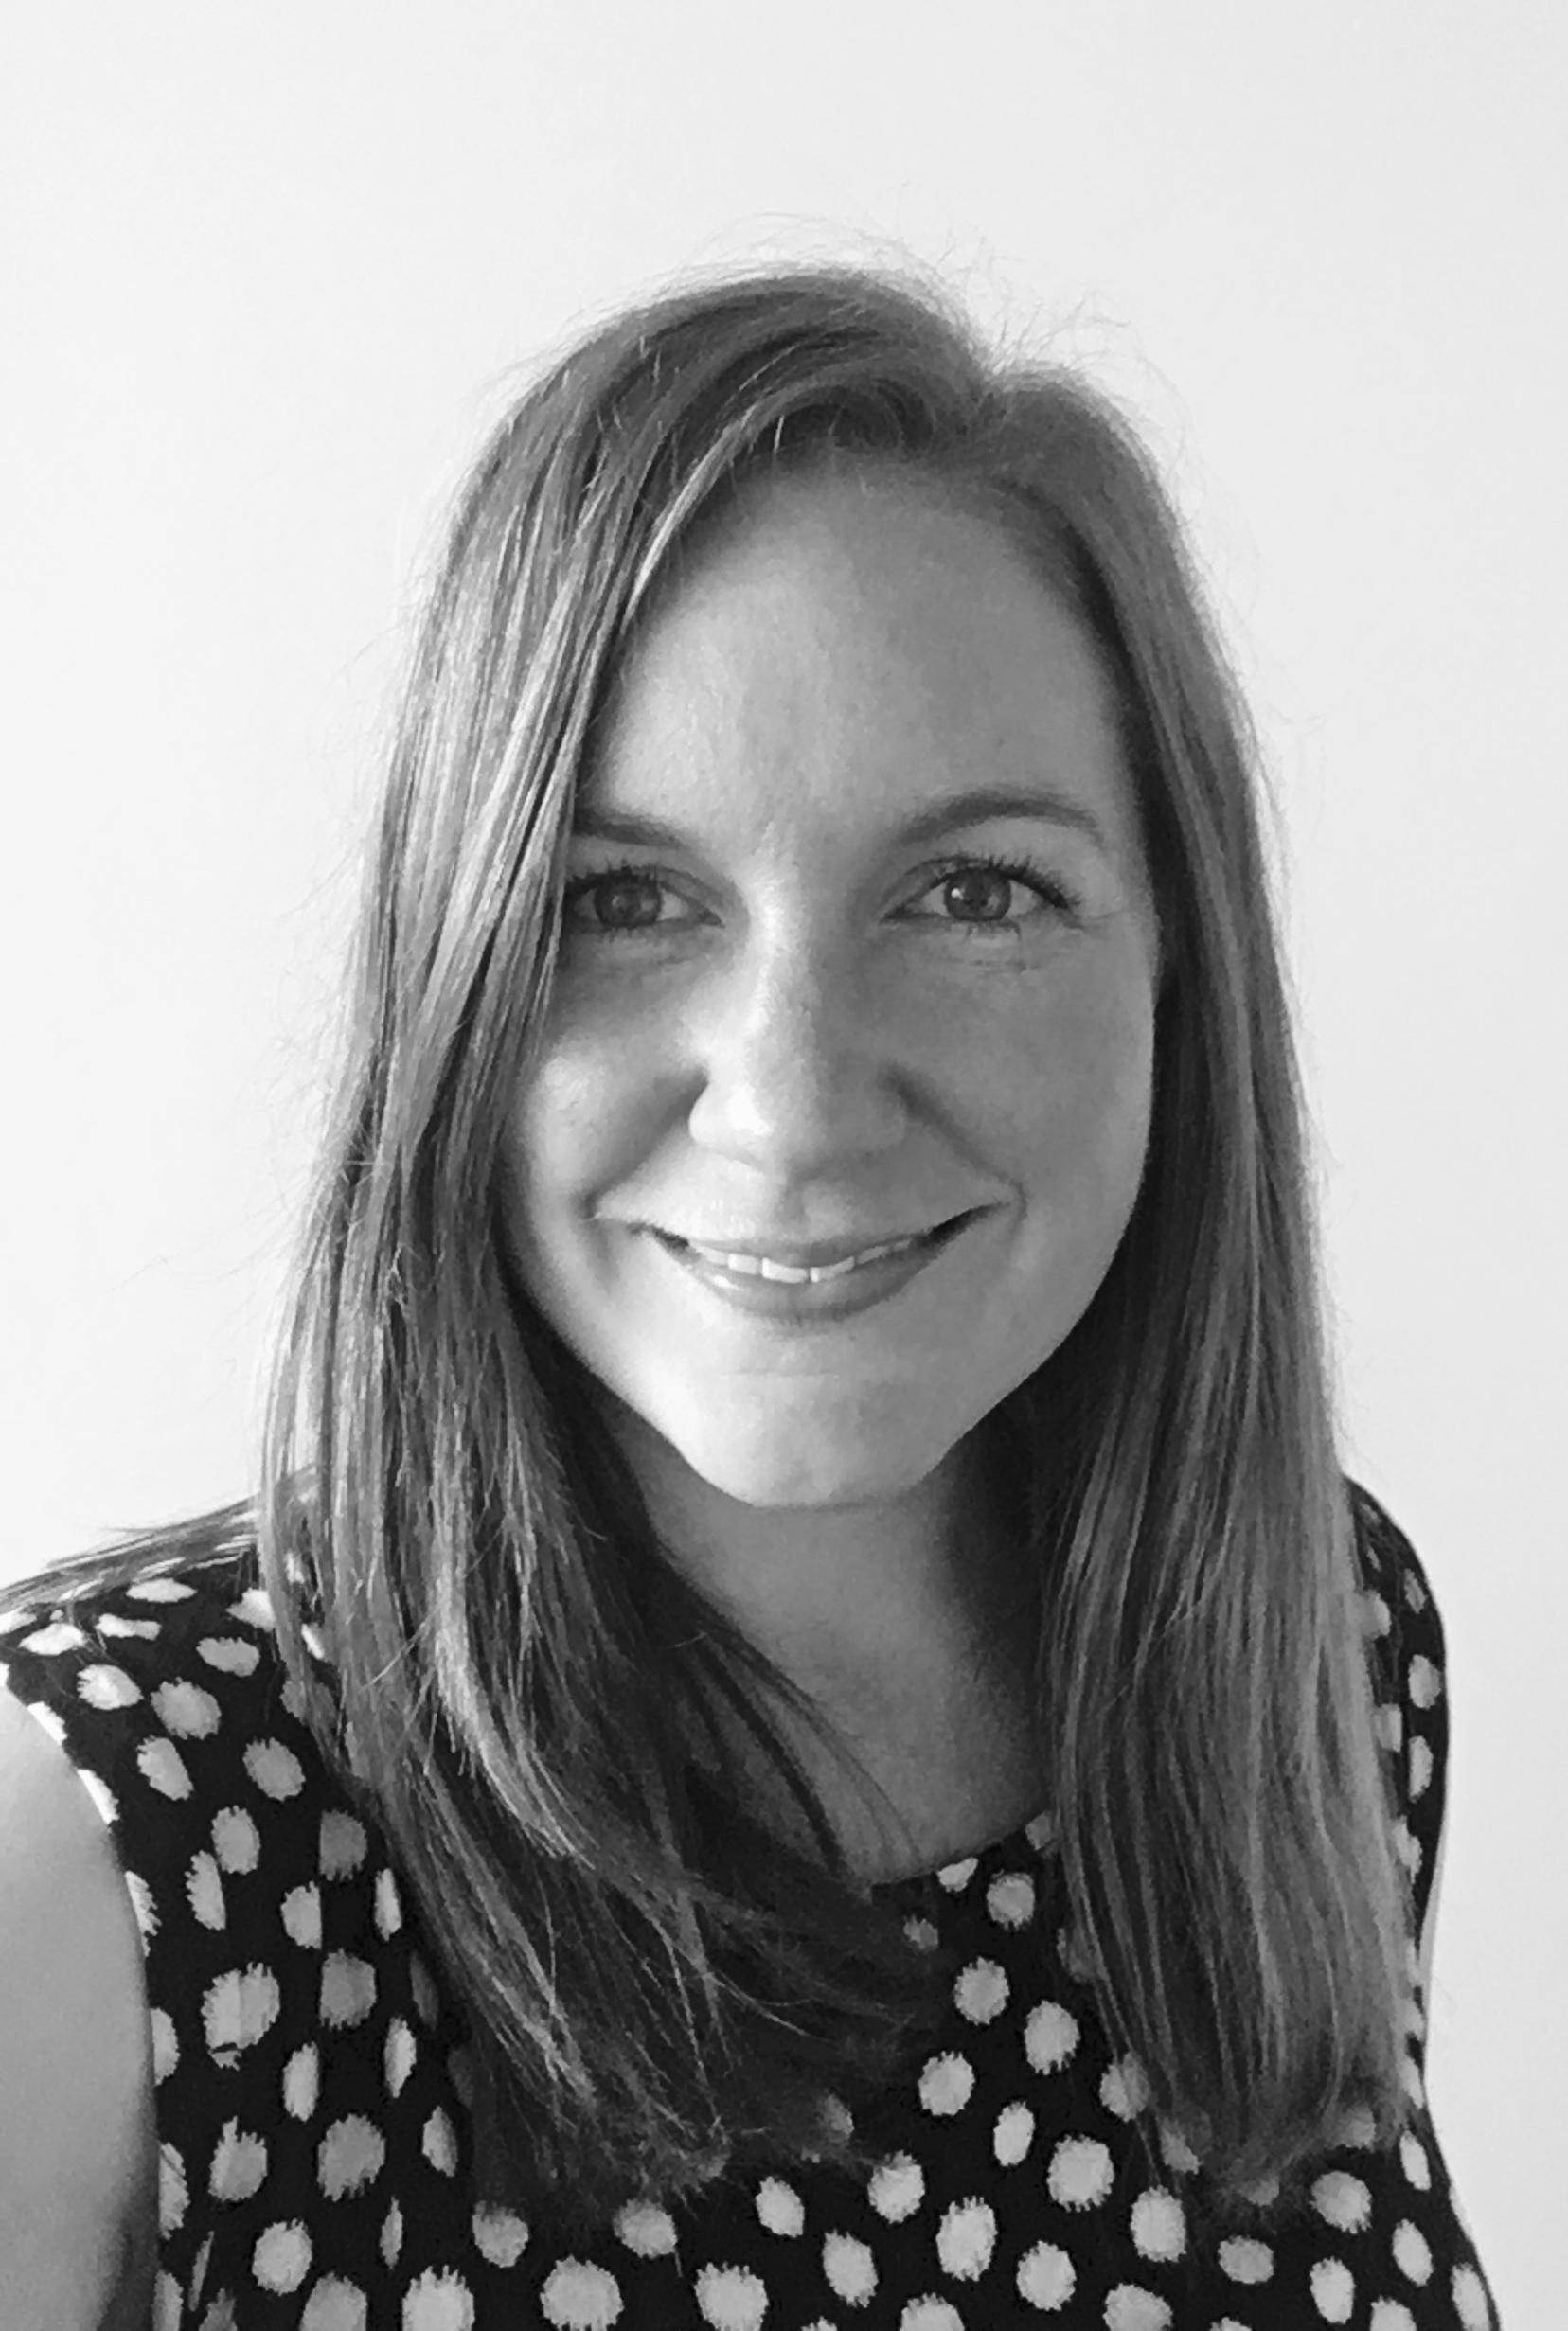 Clare Calderwood